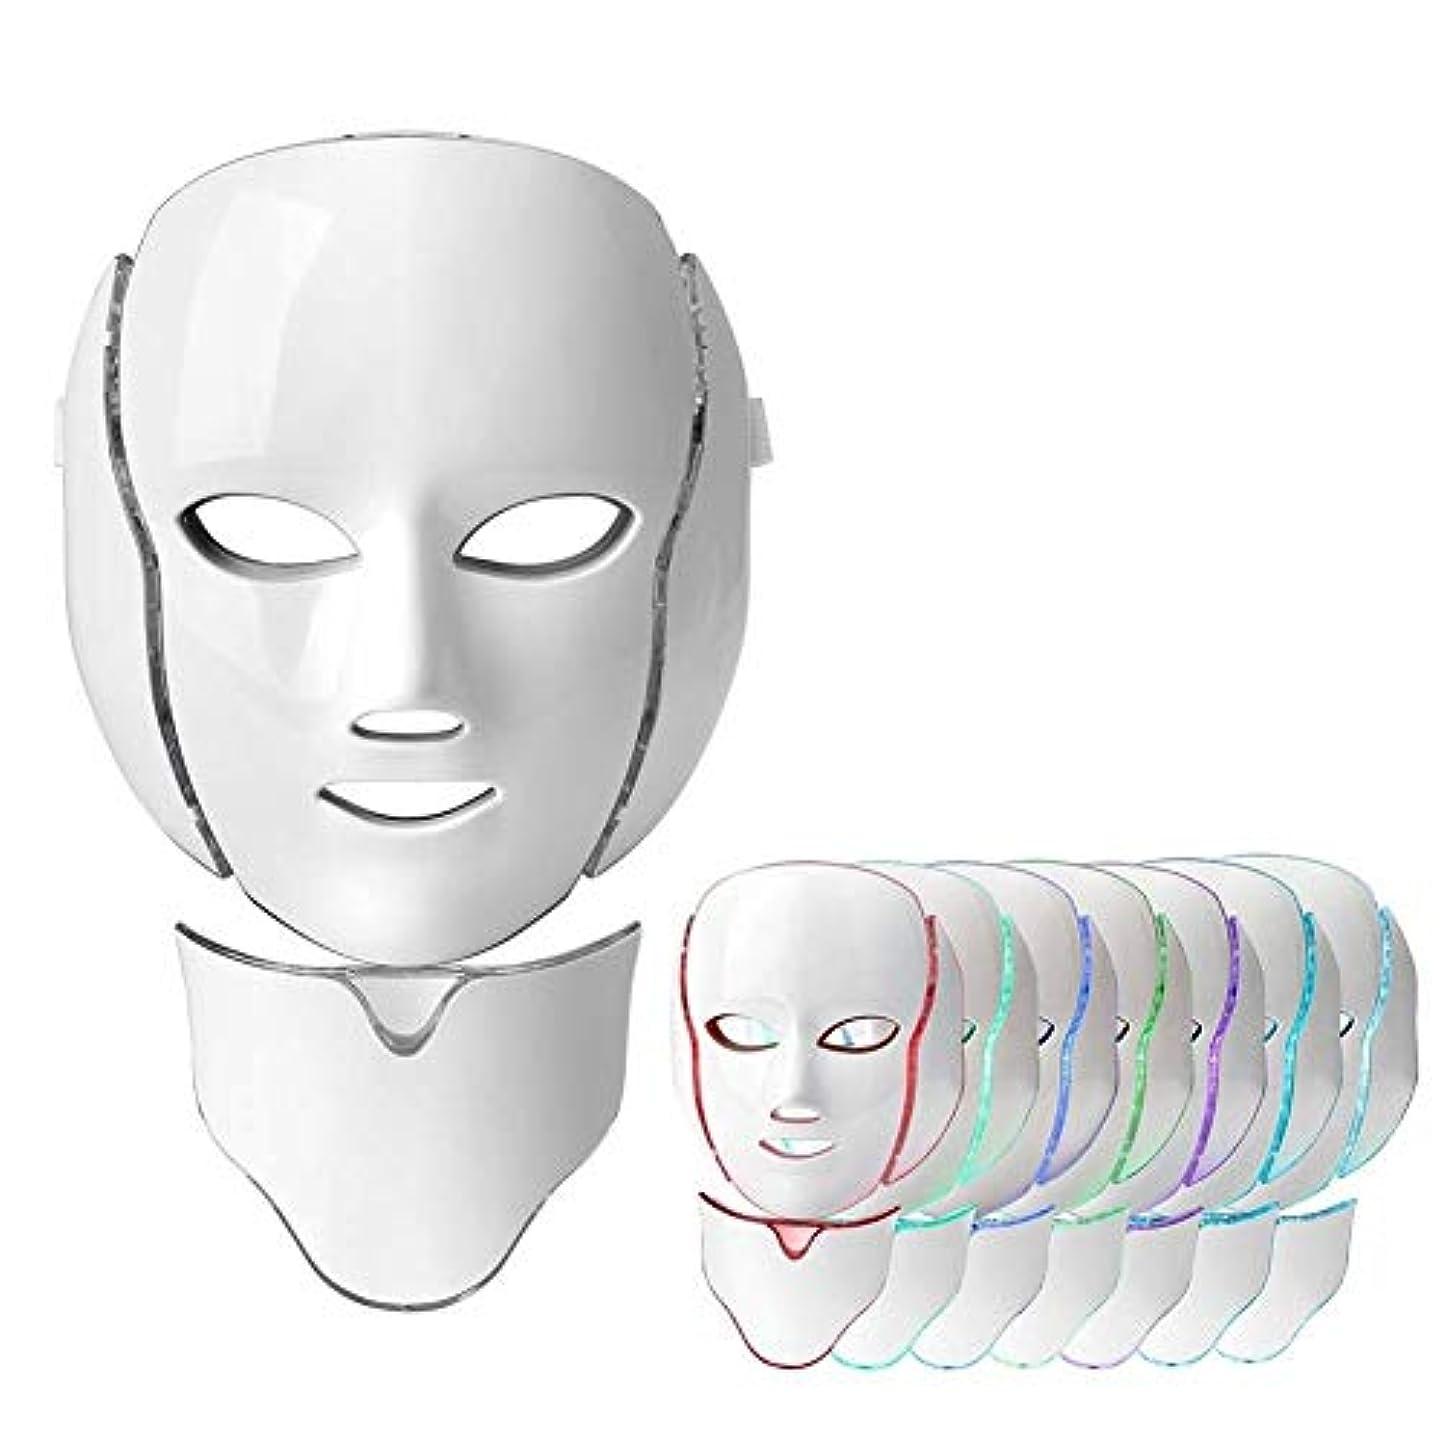 強大なマーガレットミッチェルオゾンLEDマスク、ライトセラピーにきびマスク、にきび、しみ、にきび、肌のシミ(首)により、7色の光処理フェイス美容スキンケア光線療法マスク